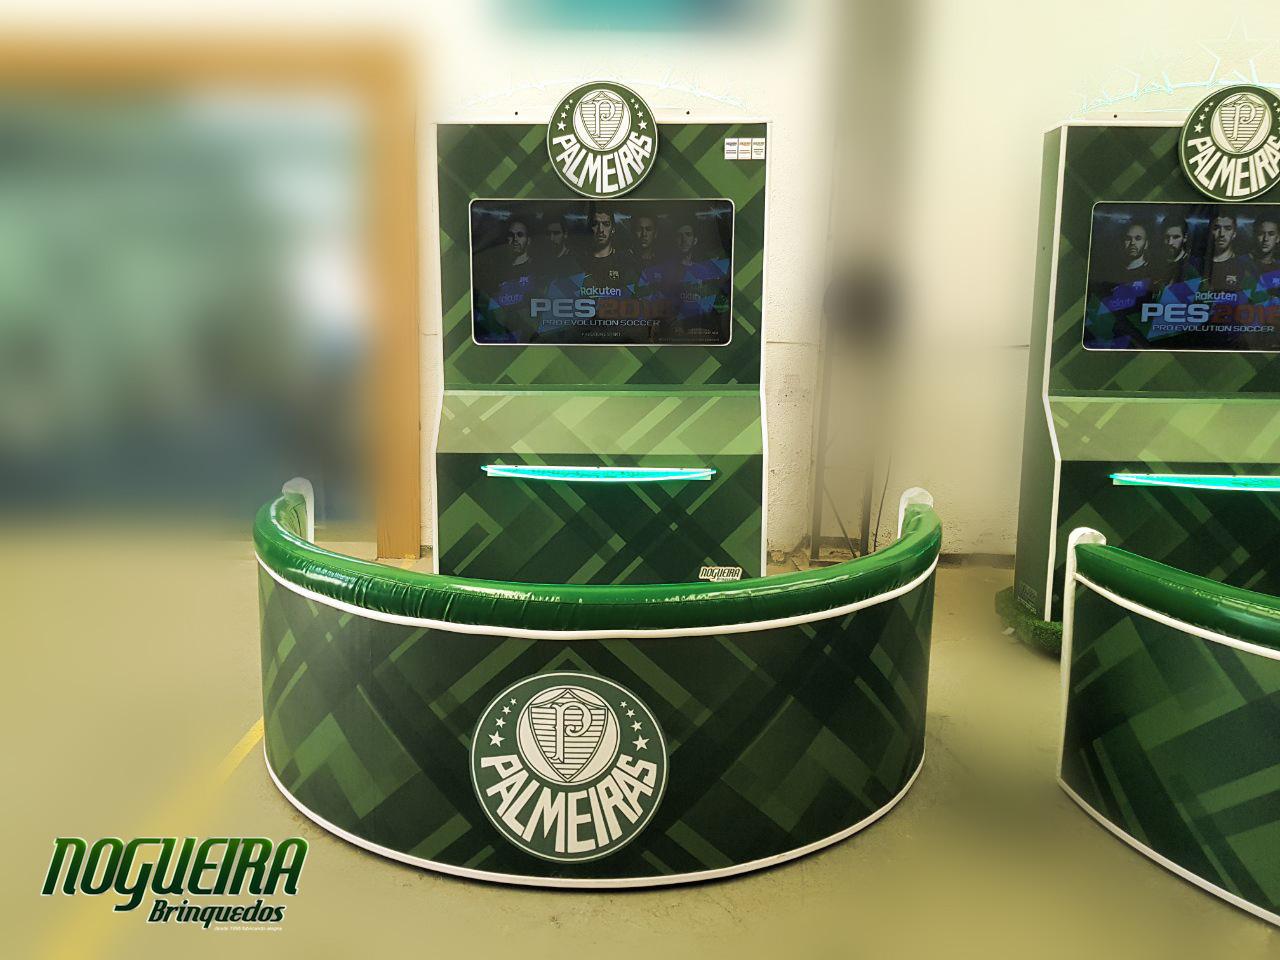 Brinquedos Sociedade Esportiva Palmeiras - Allianz Park (2)